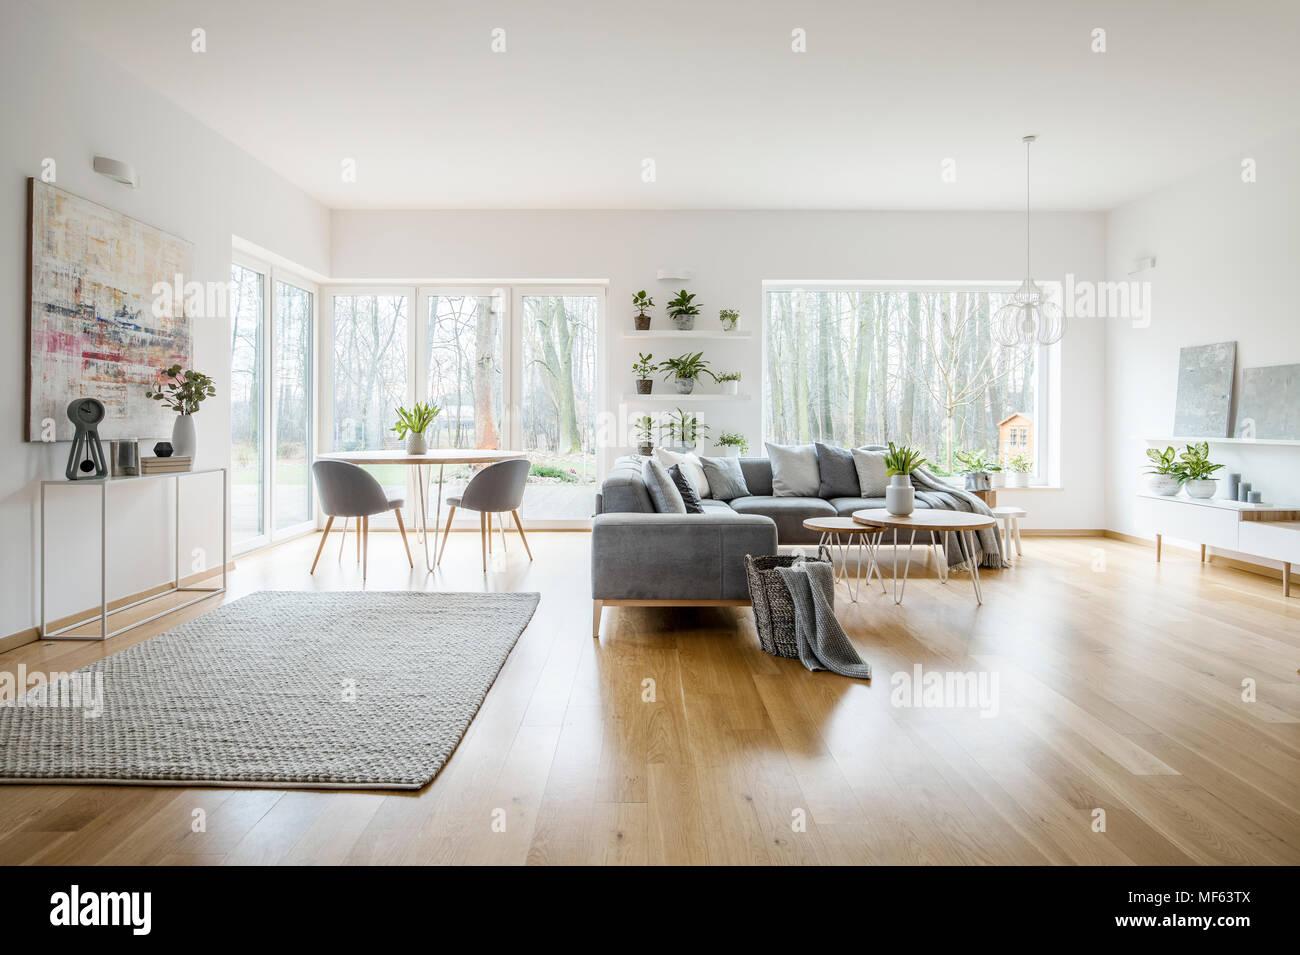 Weiss Elegantes Wohnzimmer Interieur Mit Windows Grau Ecksofa Und